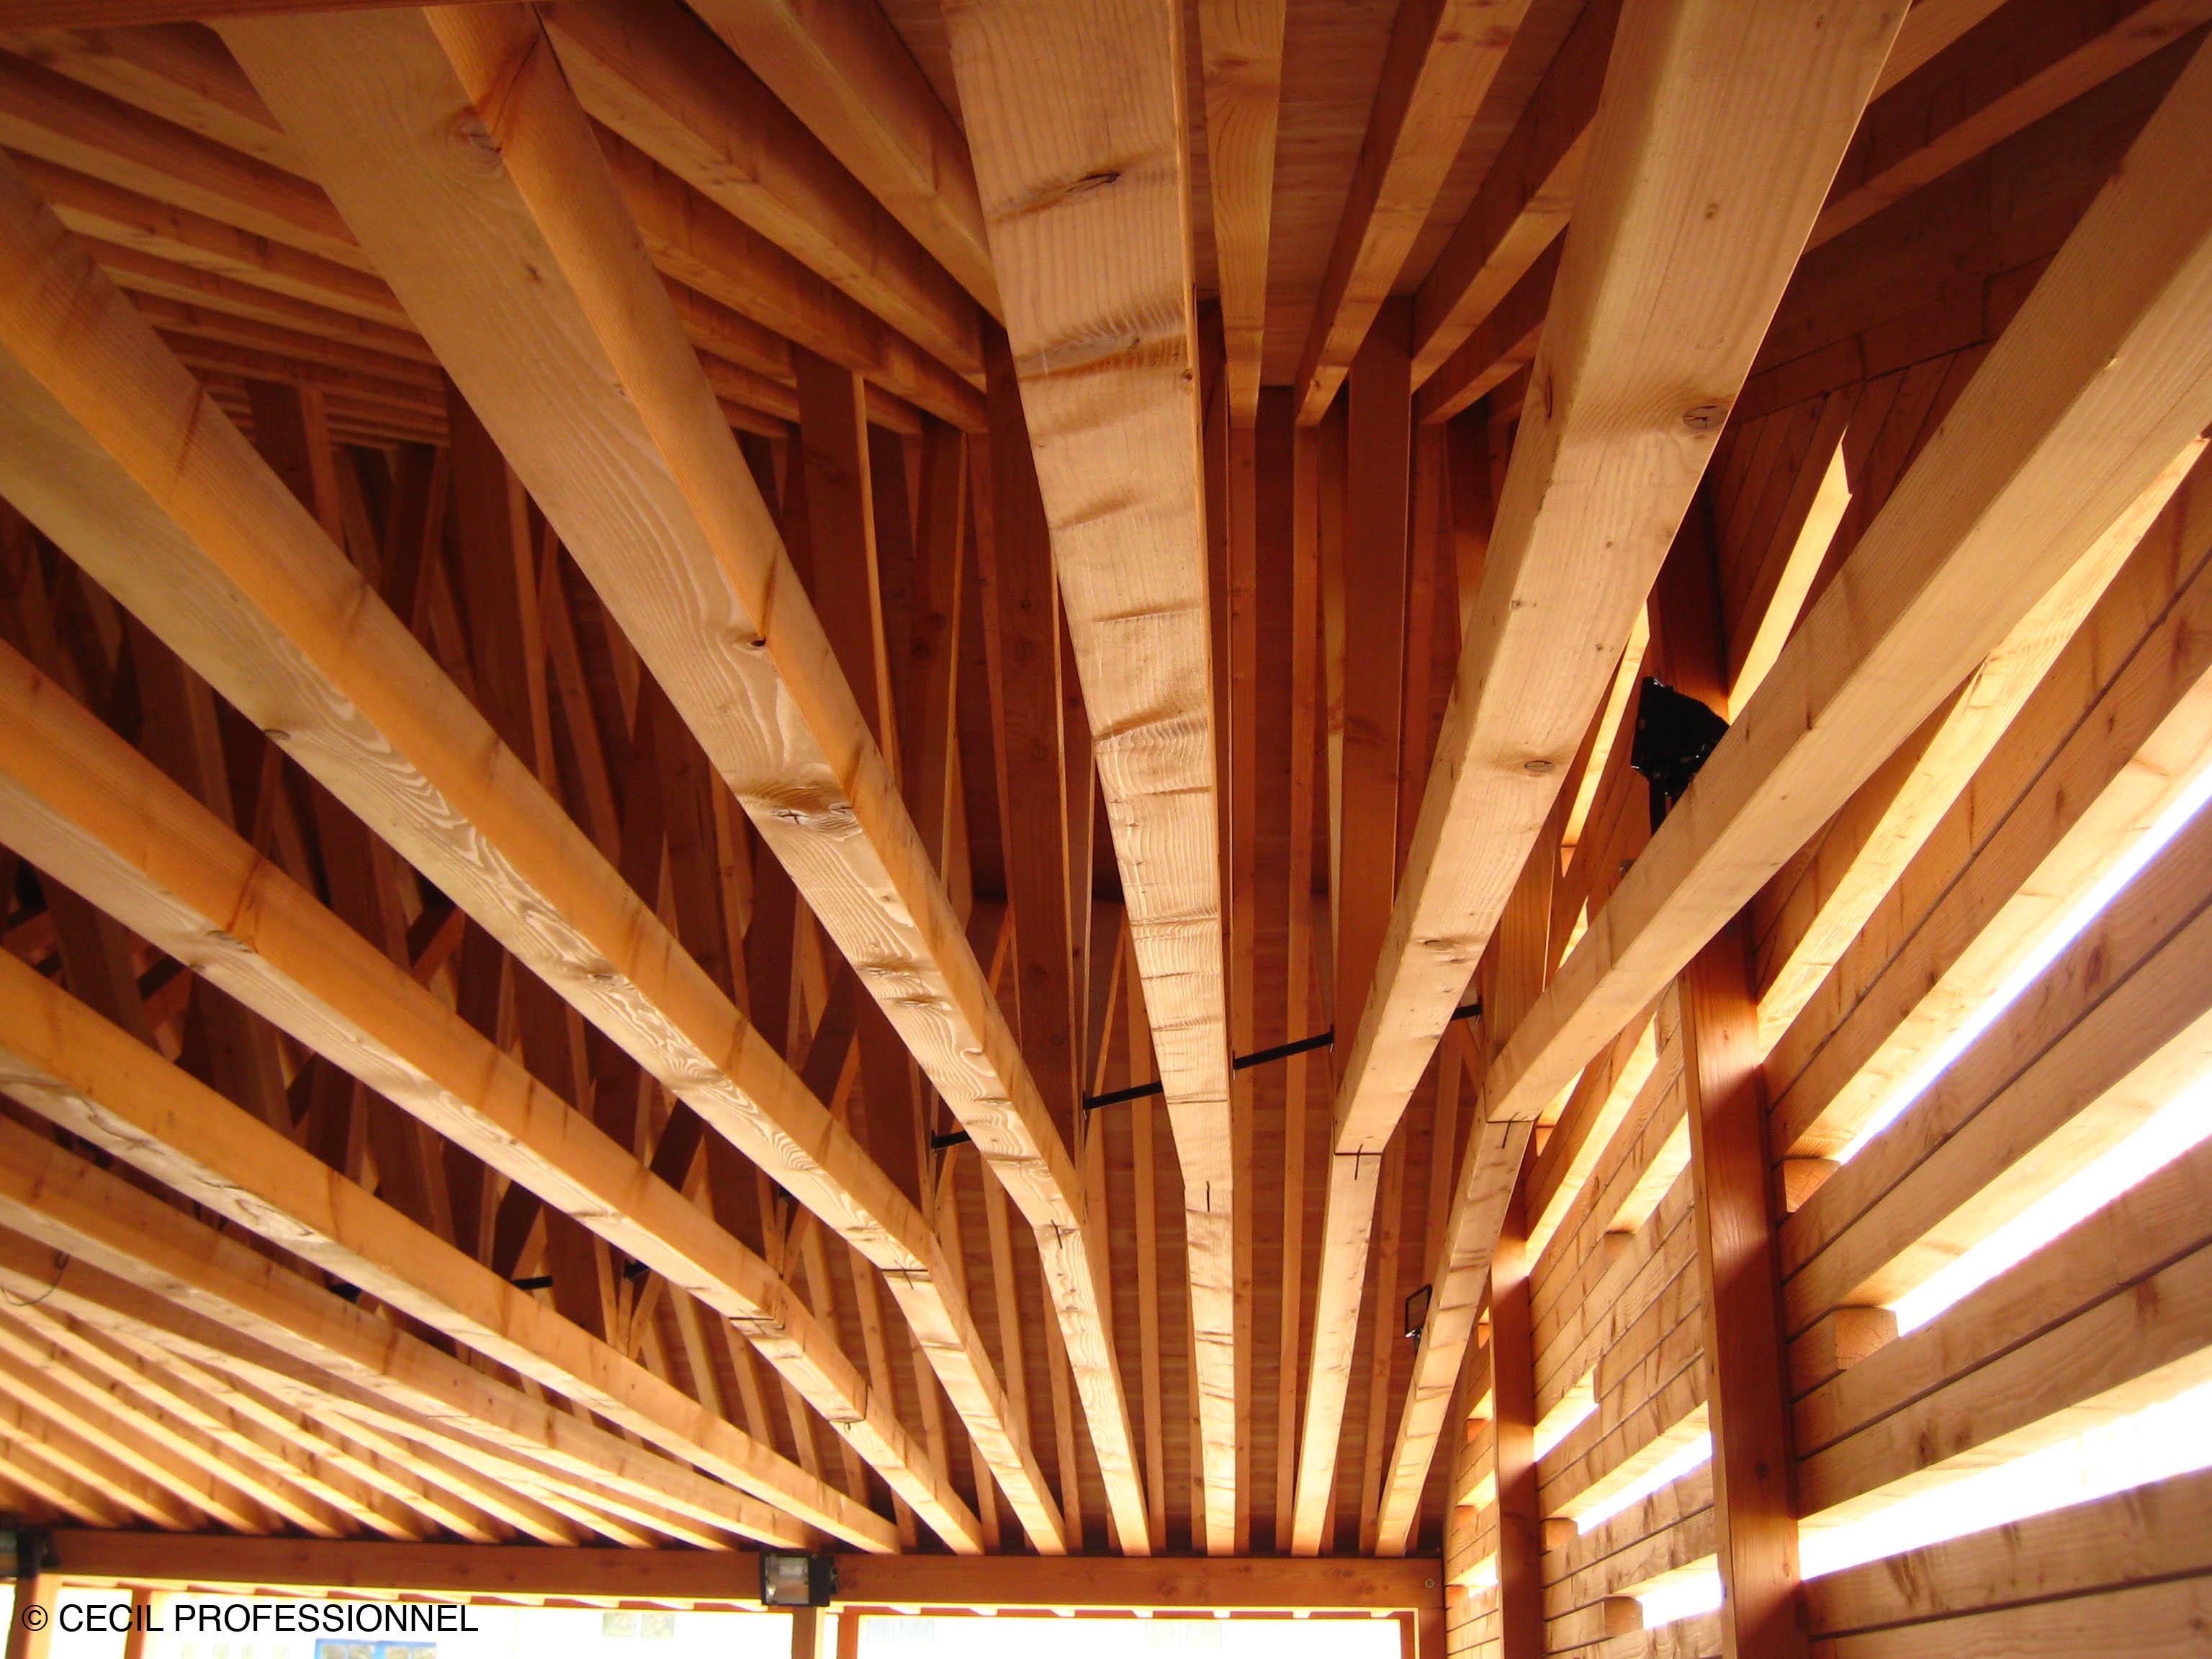 le traitement des bois ext rieurs et int rieurs tx203 cecil pro obtient une amm. Black Bedroom Furniture Sets. Home Design Ideas